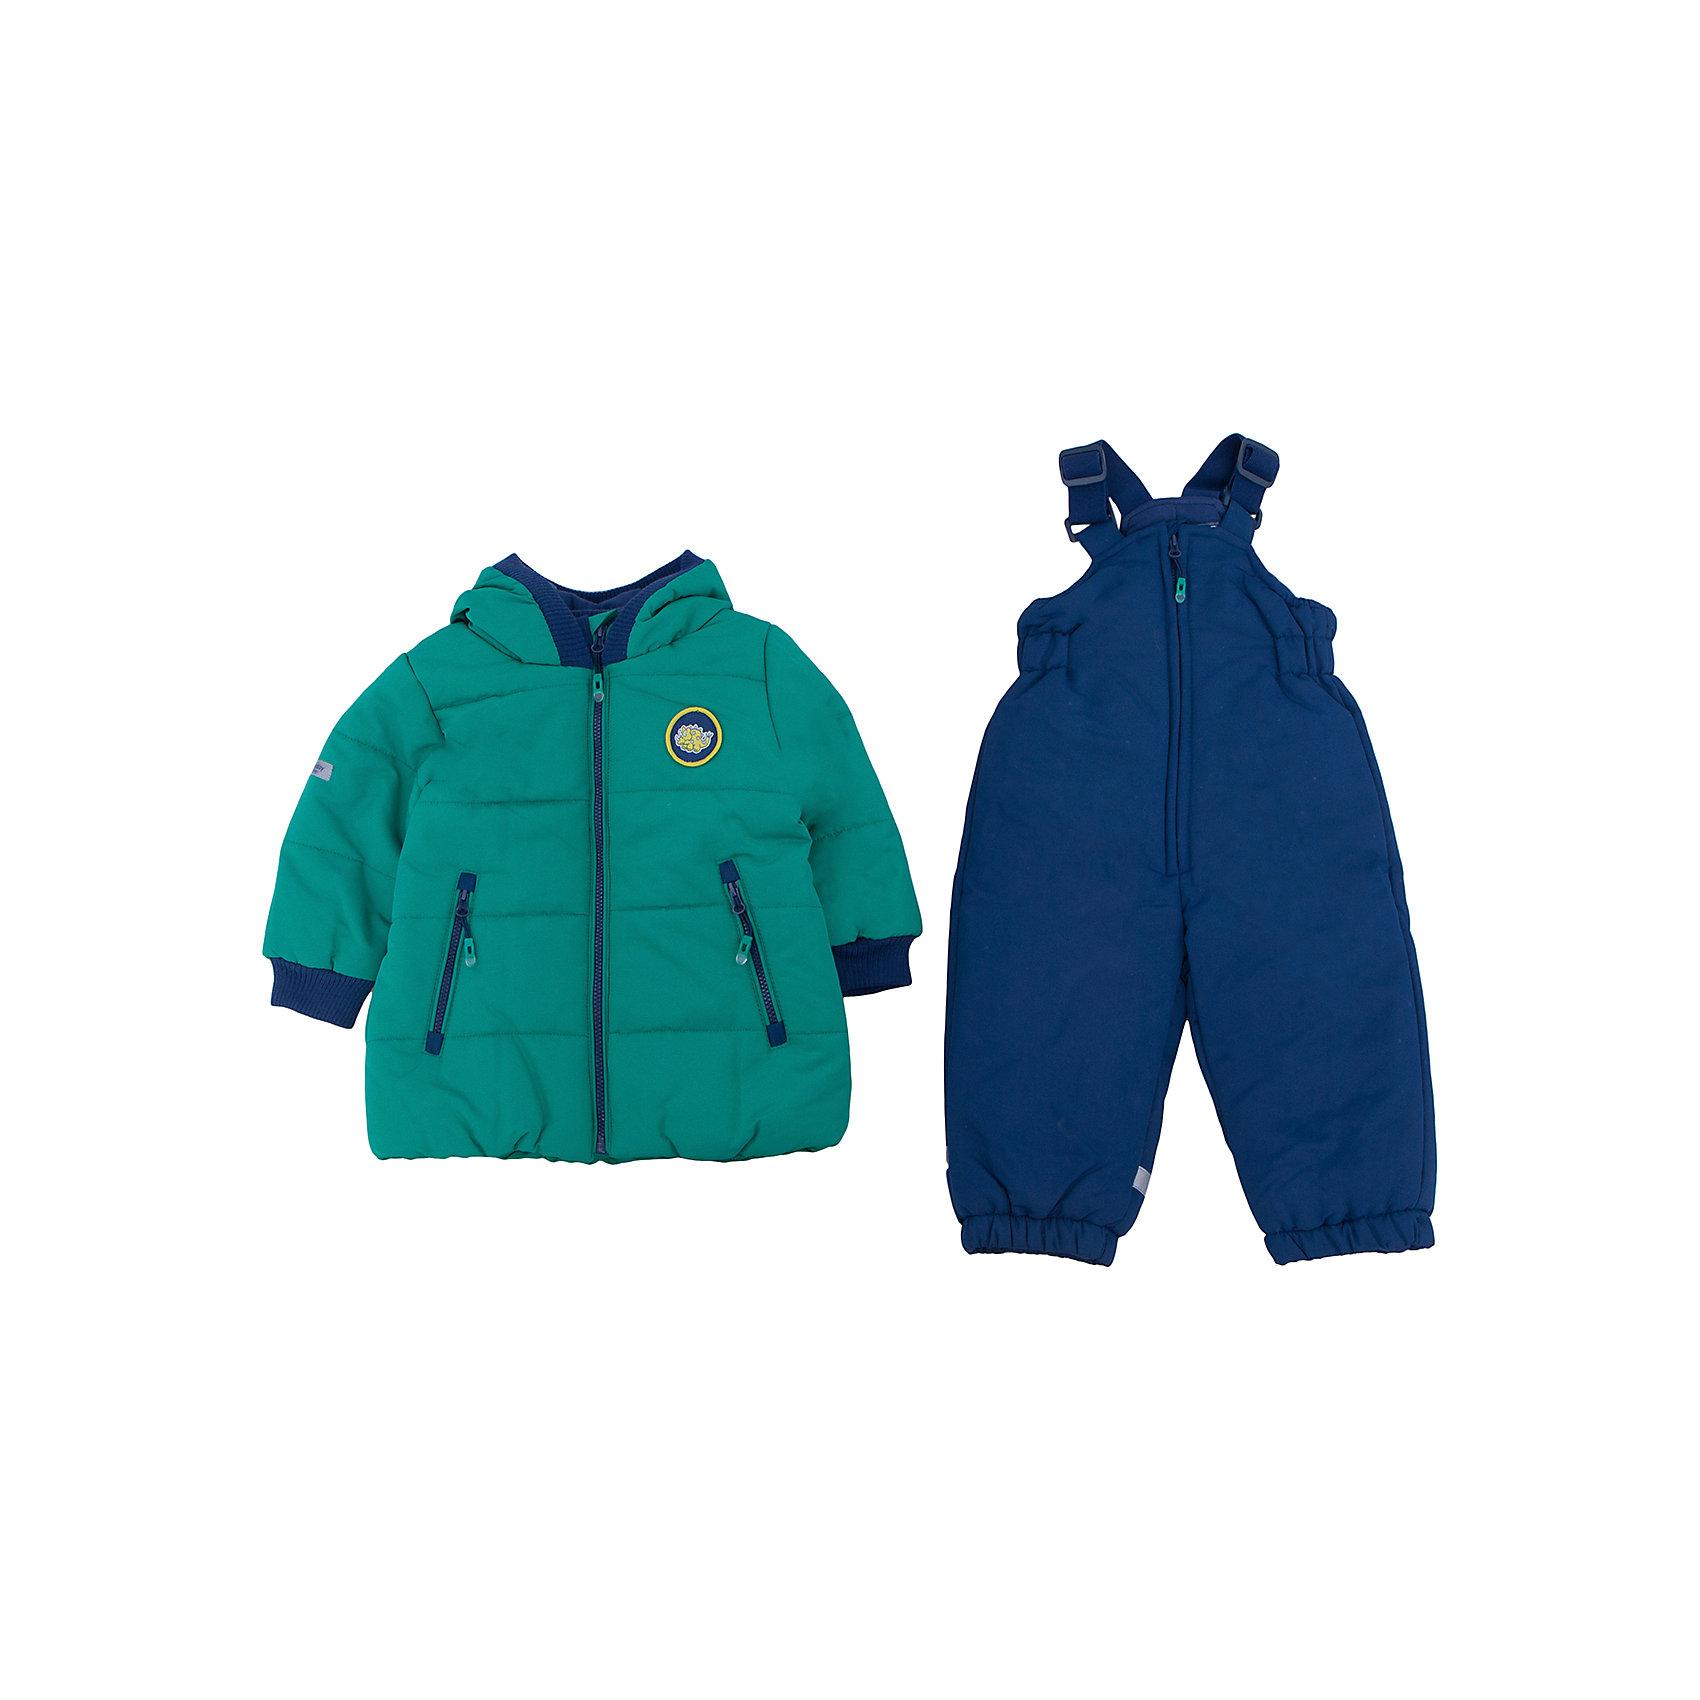 Комплект: куртка и полукомбинезон для мальчика PlayTodayКомплекты<br>Комплект: куртка и полукомбинезон для мальчика от известного бренда PlayToday.<br>Теплый комплект из стеганой куртки и полукомбинезона. <br>Куртка яркого изумрудно-зеленого цвета. Удобно застегивается на молнию. Внутри уютная хлопковая подкладка. Рукава и капюшон на мягкой трикотажной резинке для защиты от ветра. Есть два функциональных кармана на молнии и светоотражатели. Украшена шевроном с динозавриком.<br>Полукомбинезон застегивается на молнию. Бретели регулируются по длине, низ штанишек утягивается на резинке. Внутри мягкая хлопковая подкладка. Специальная отстегивающаяся рези<br>Состав:<br>Верх: 100% полиэстер, подкладка: 60% хлопок, 40% полиэстер, наполнитель: 100% полиэстер, 250 г/м2<br><br>Ширина мм: 157<br>Глубина мм: 13<br>Высота мм: 119<br>Вес г: 200<br>Цвет: разноцветный<br>Возраст от месяцев: 6<br>Возраст до месяцев: 9<br>Пол: Мужской<br>Возраст: Детский<br>Размер: 74,92,80,86<br>SKU: 4900349